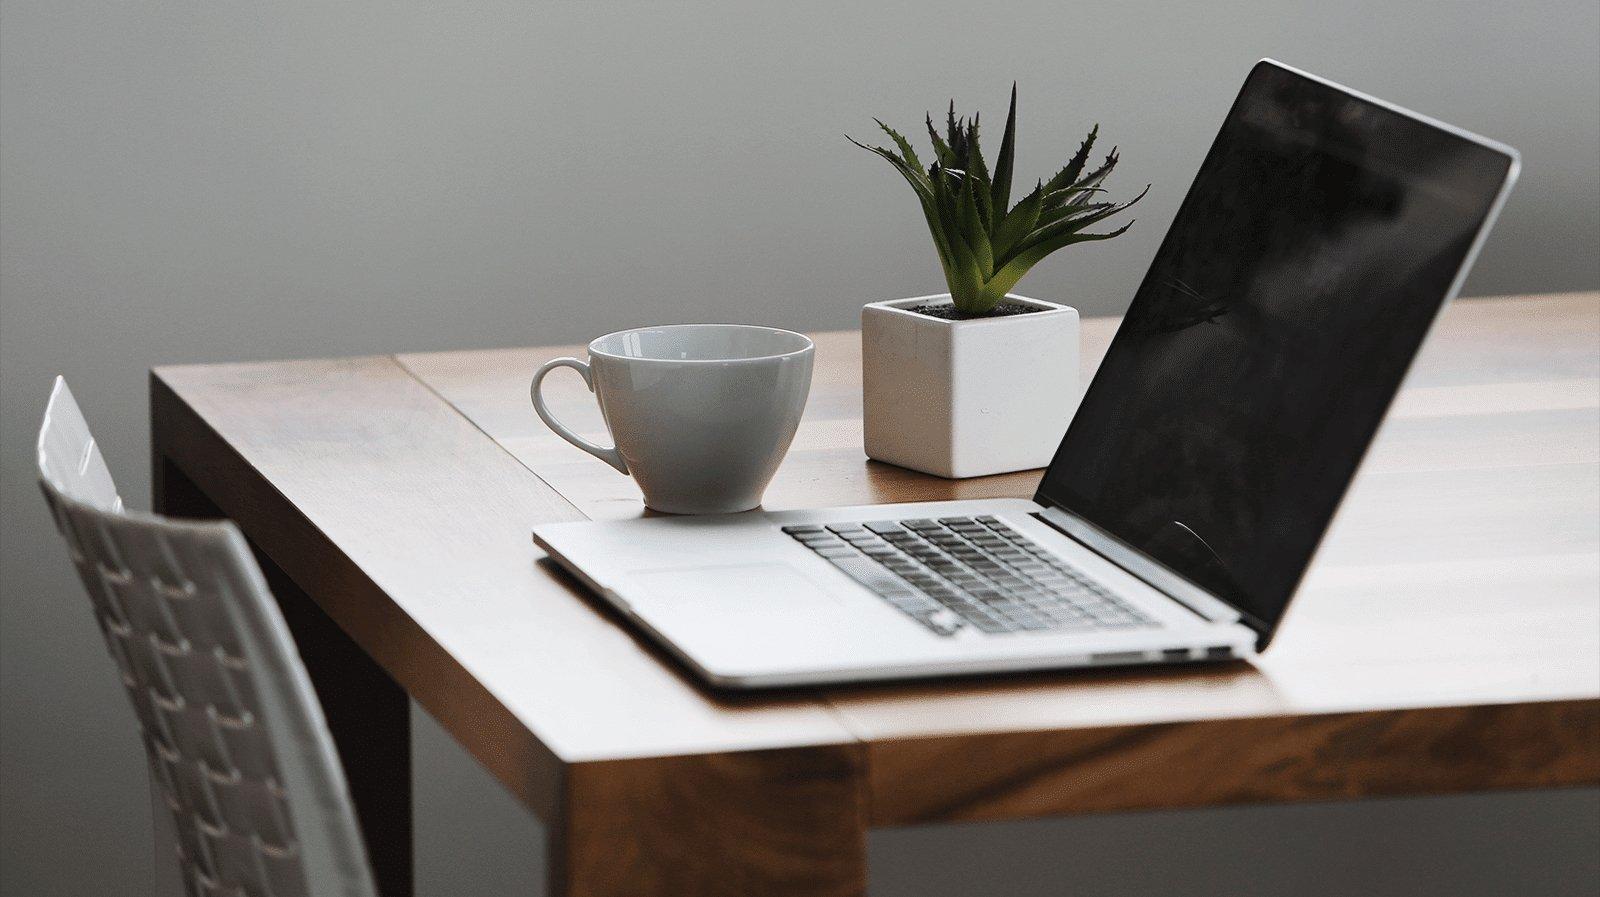 portátil sobre uma mesa